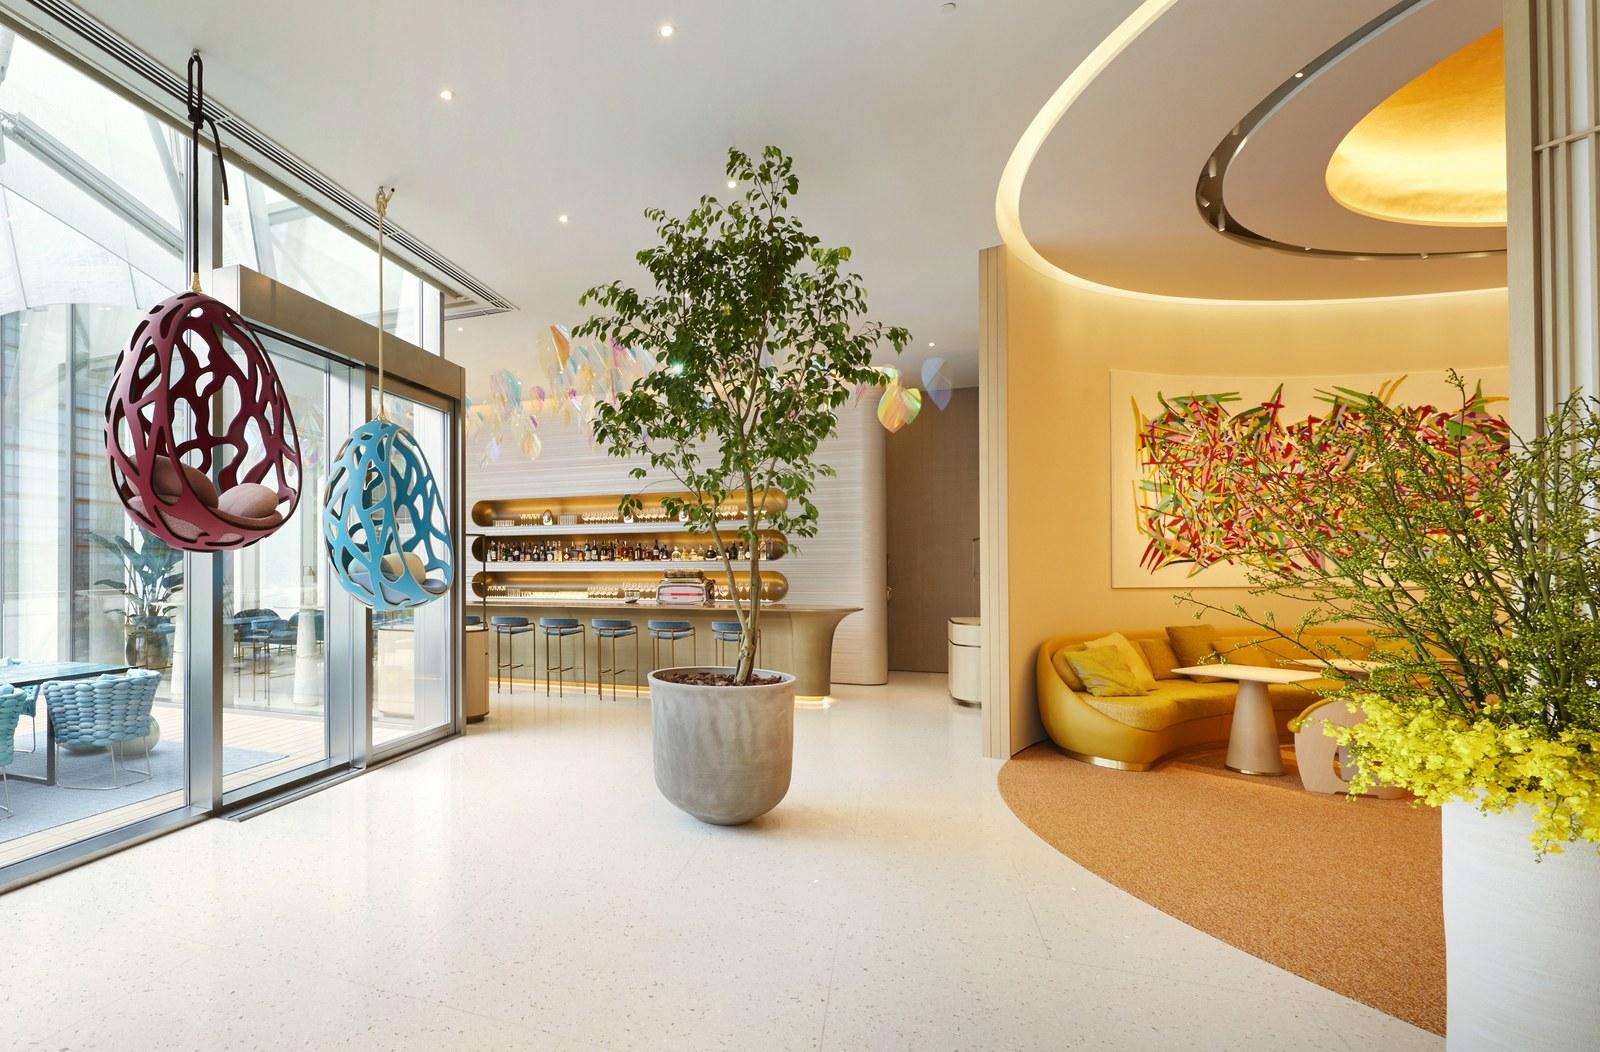 Louis Vuitton restoran (1)